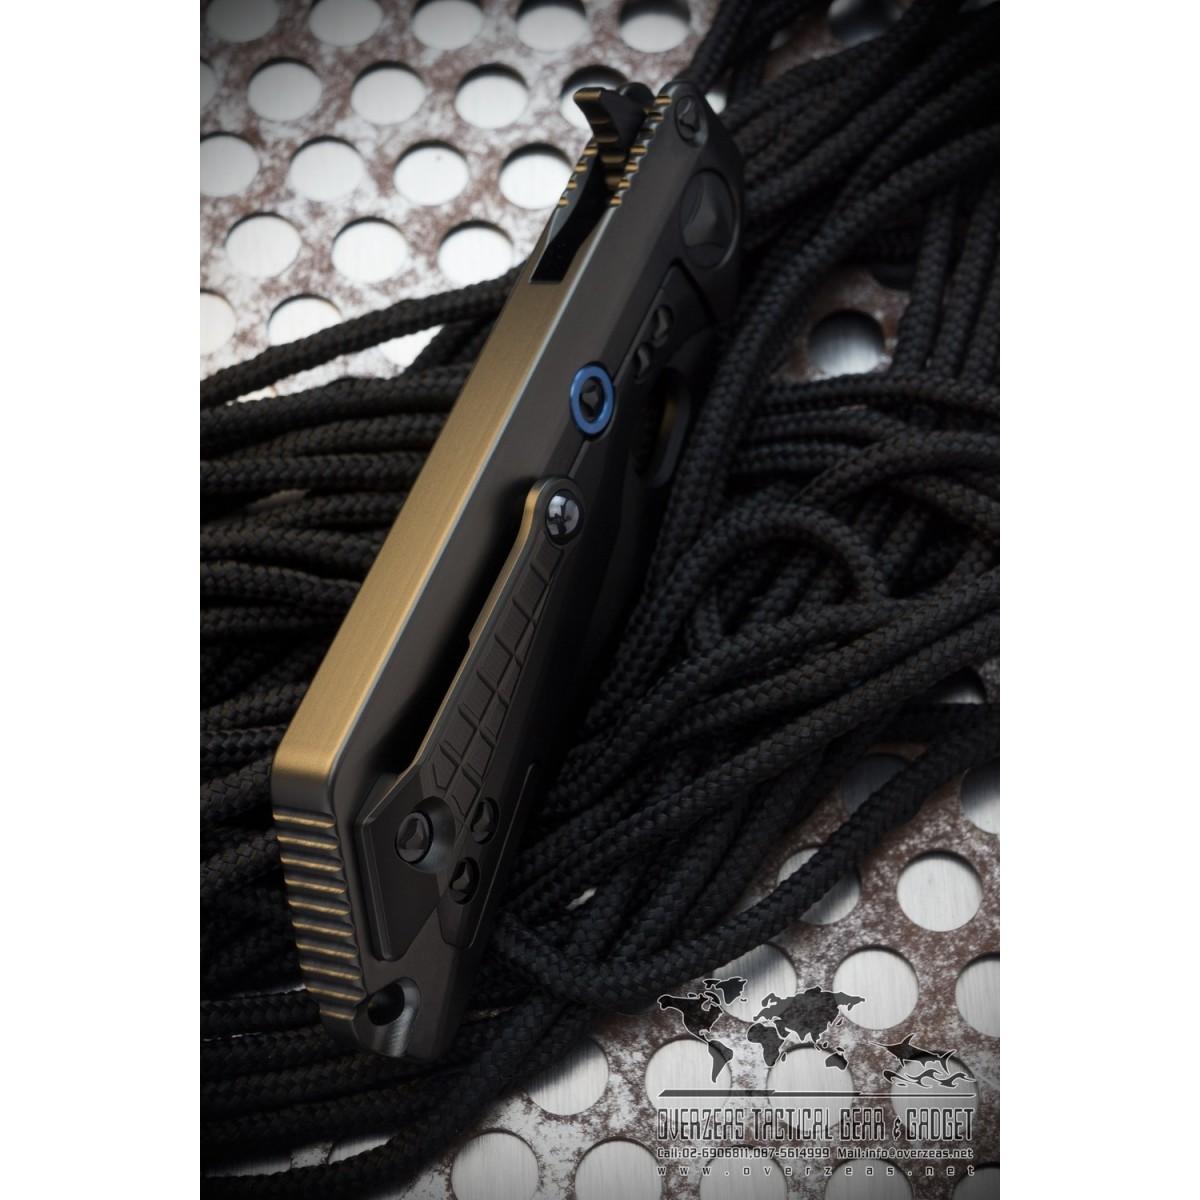 มีดพับ Microtech Custom: MSG III (Marfione/Strider) Integral Frame FRAG Pattern Apocalyptic/Vapor Blast Black DLC